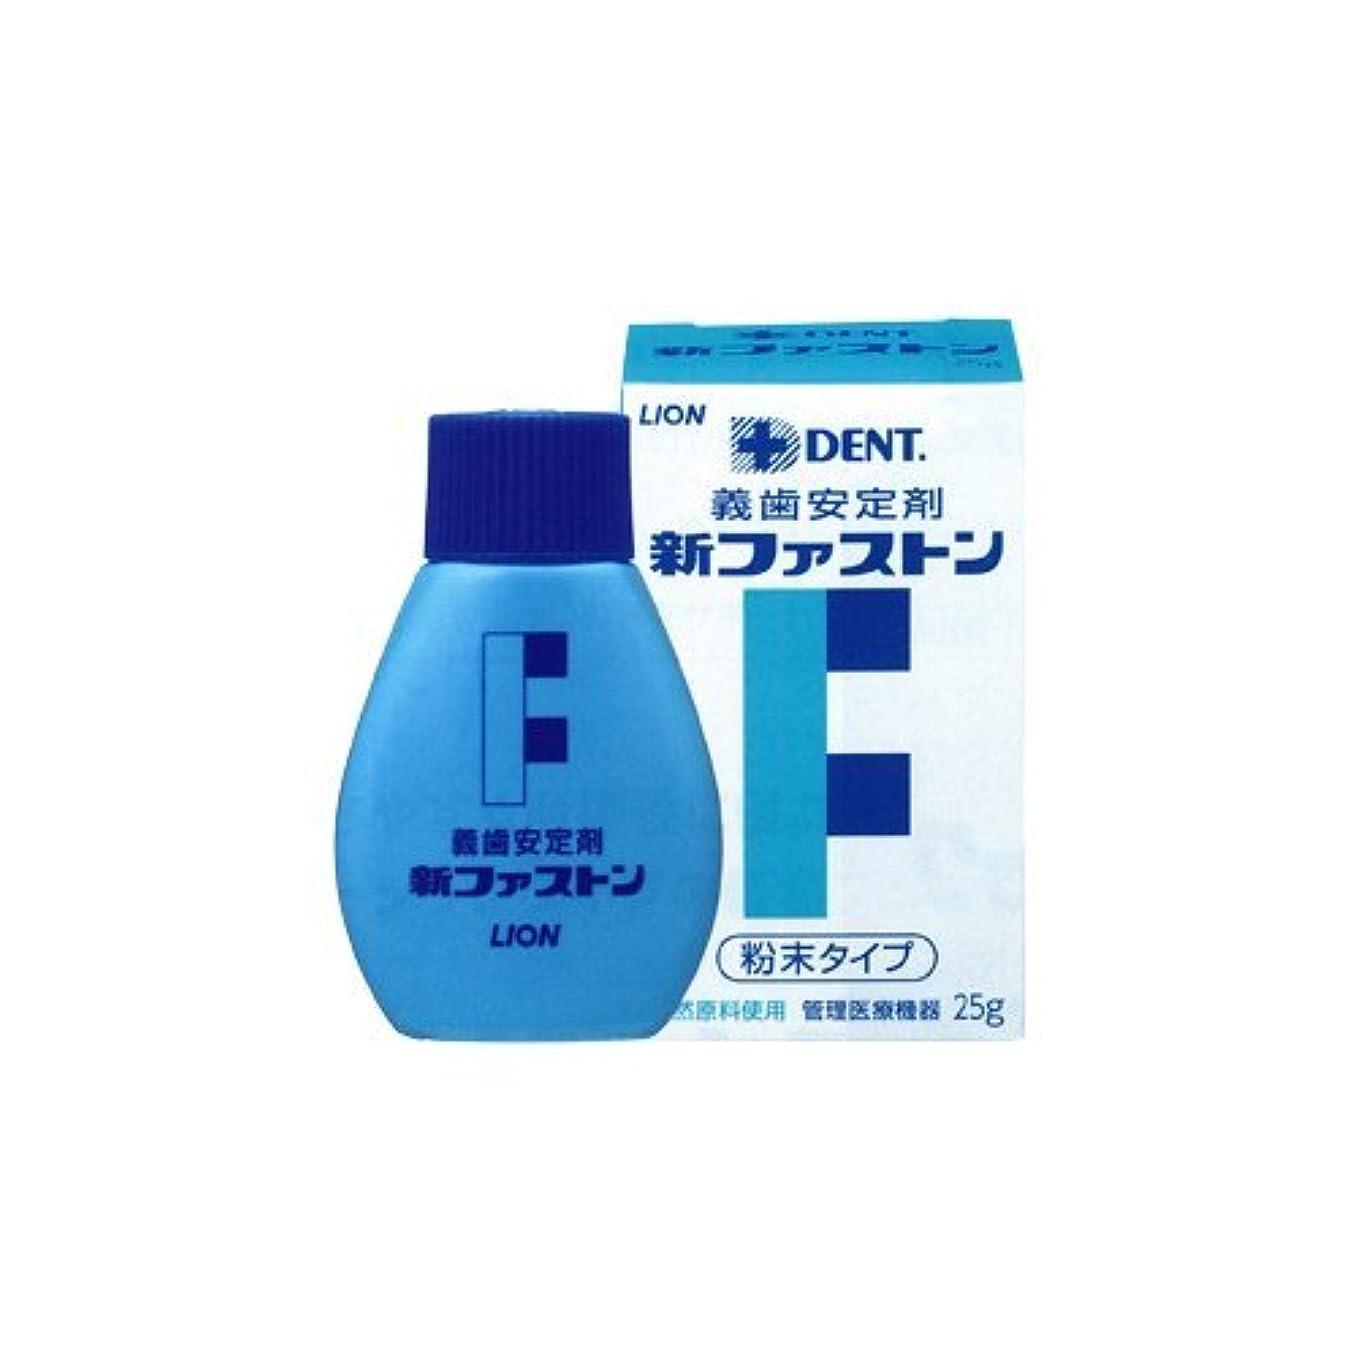 宣言する適応的リーガンライオン 新ファストン 25g 義歯安定剤